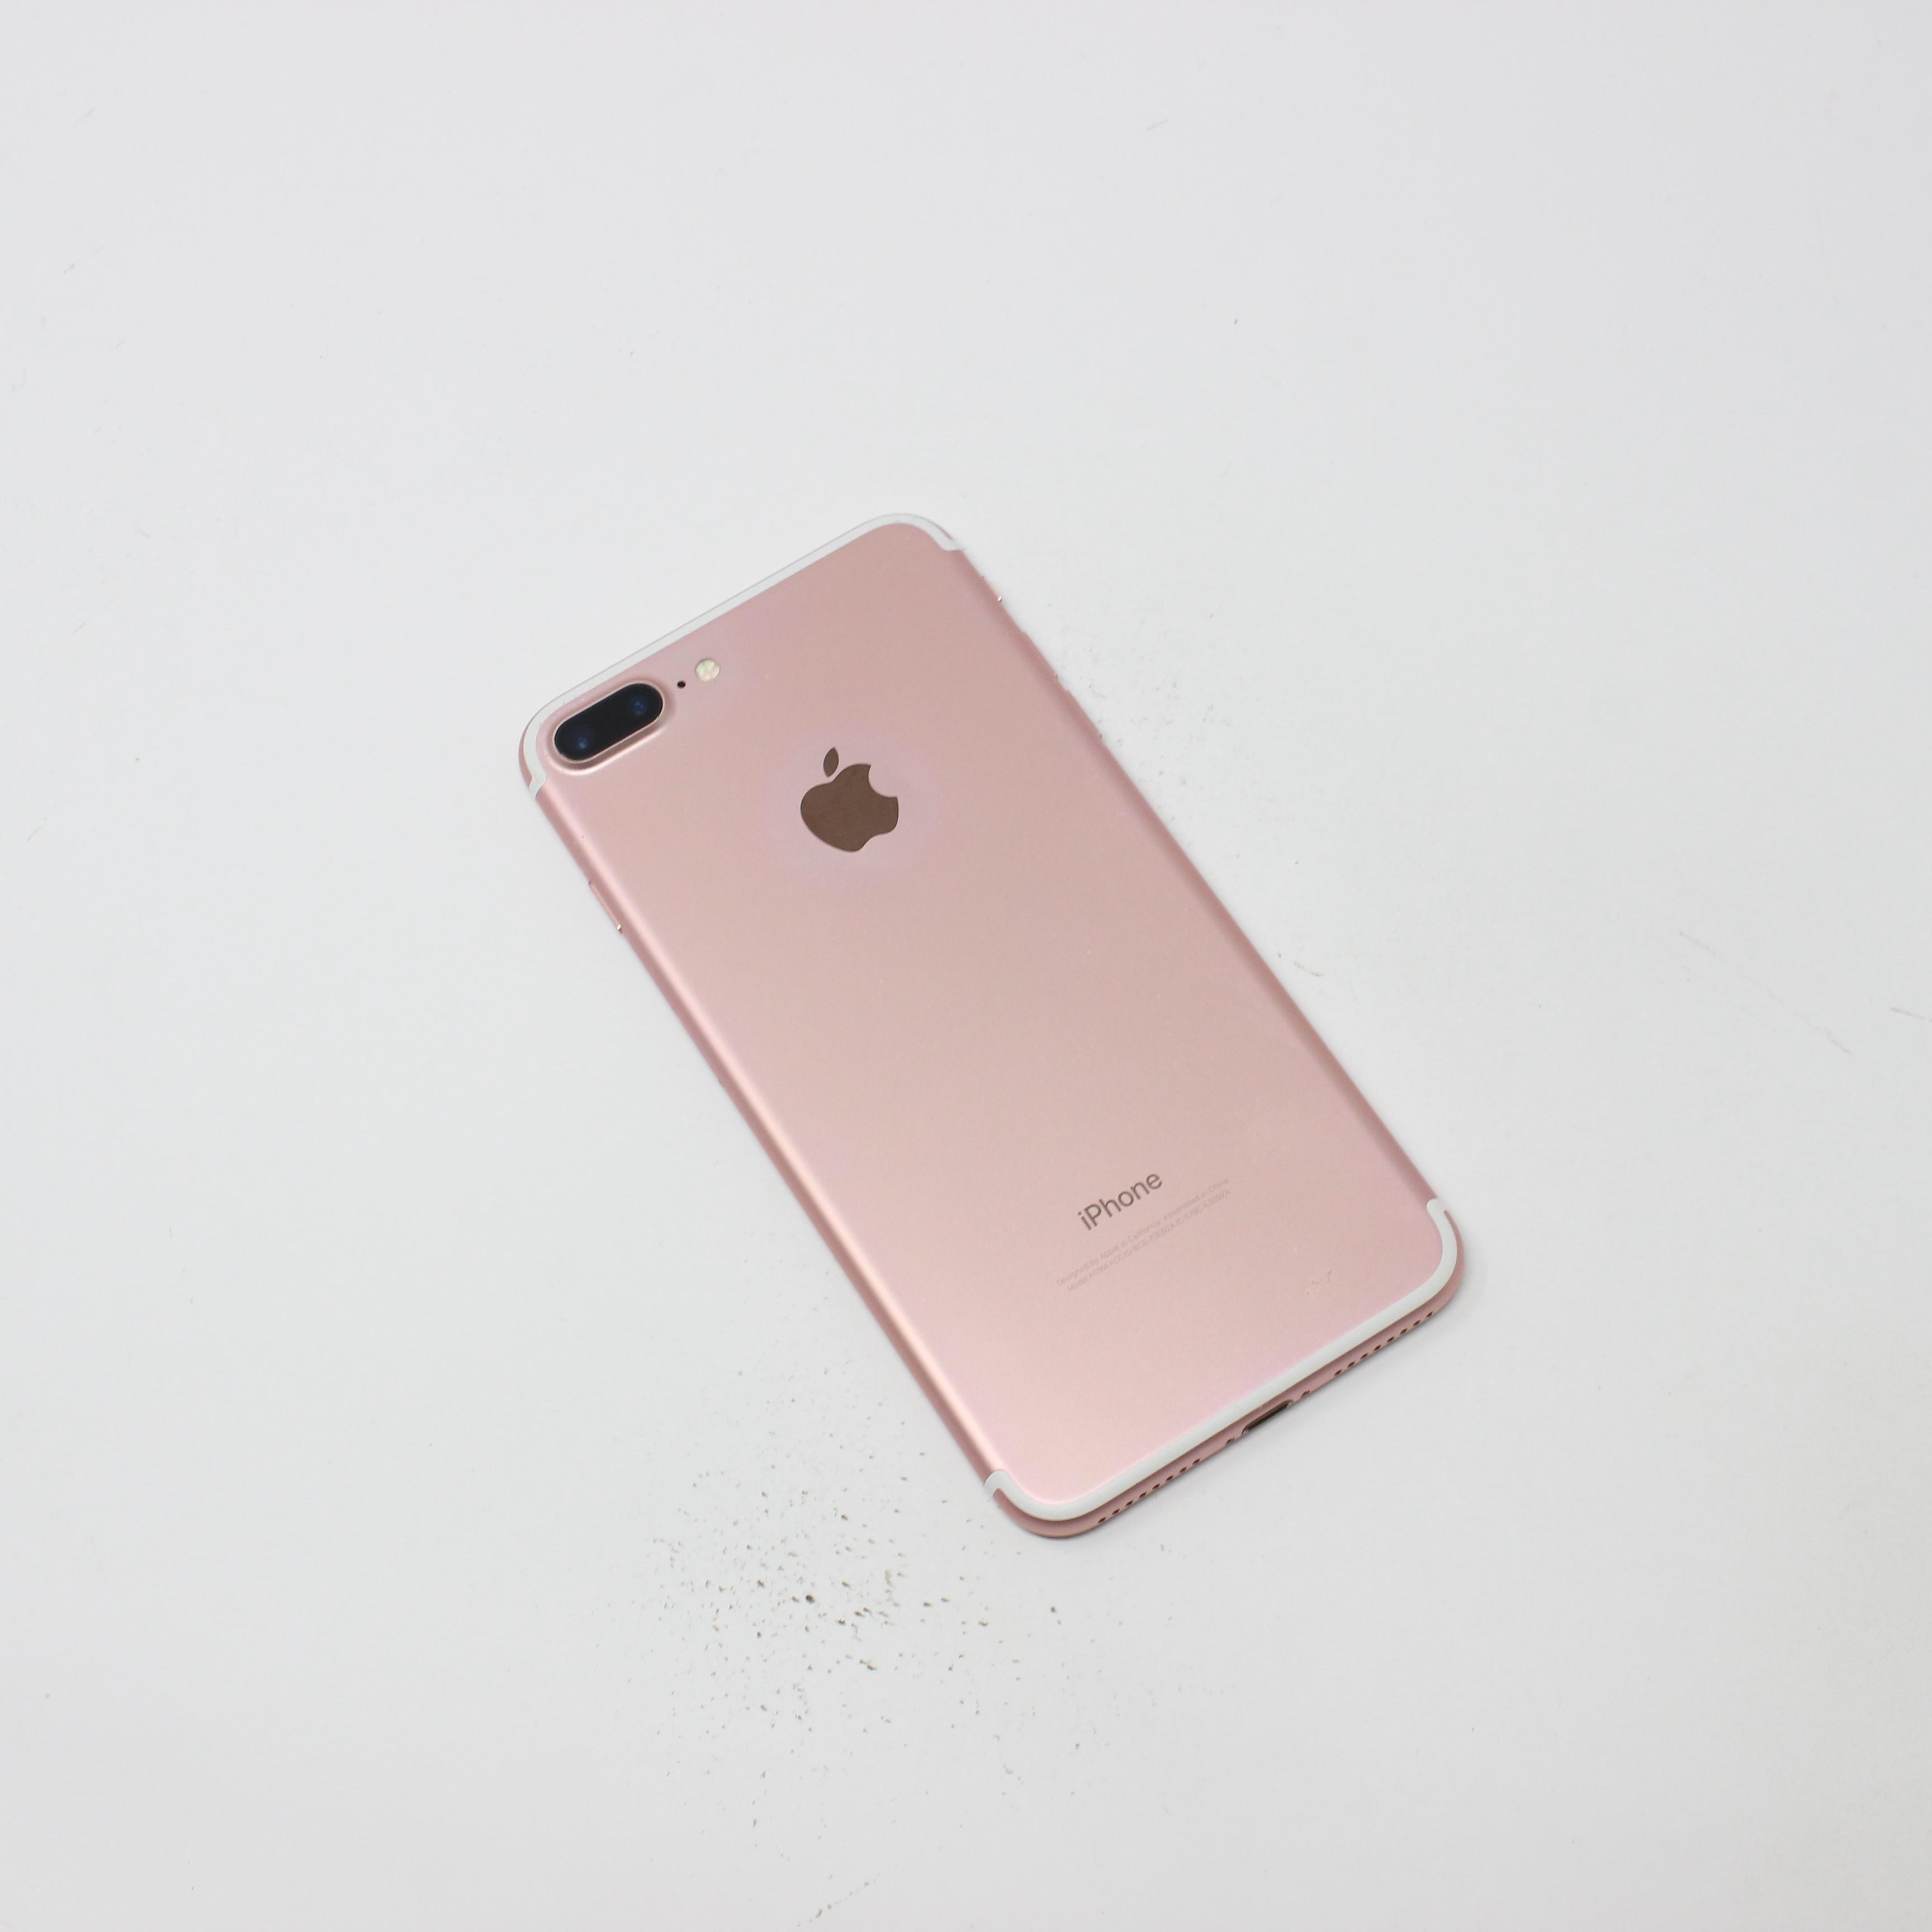 iPhone 7 Plus 256GB Rose Gold - AT&T photo 3 | UpTradeit.com